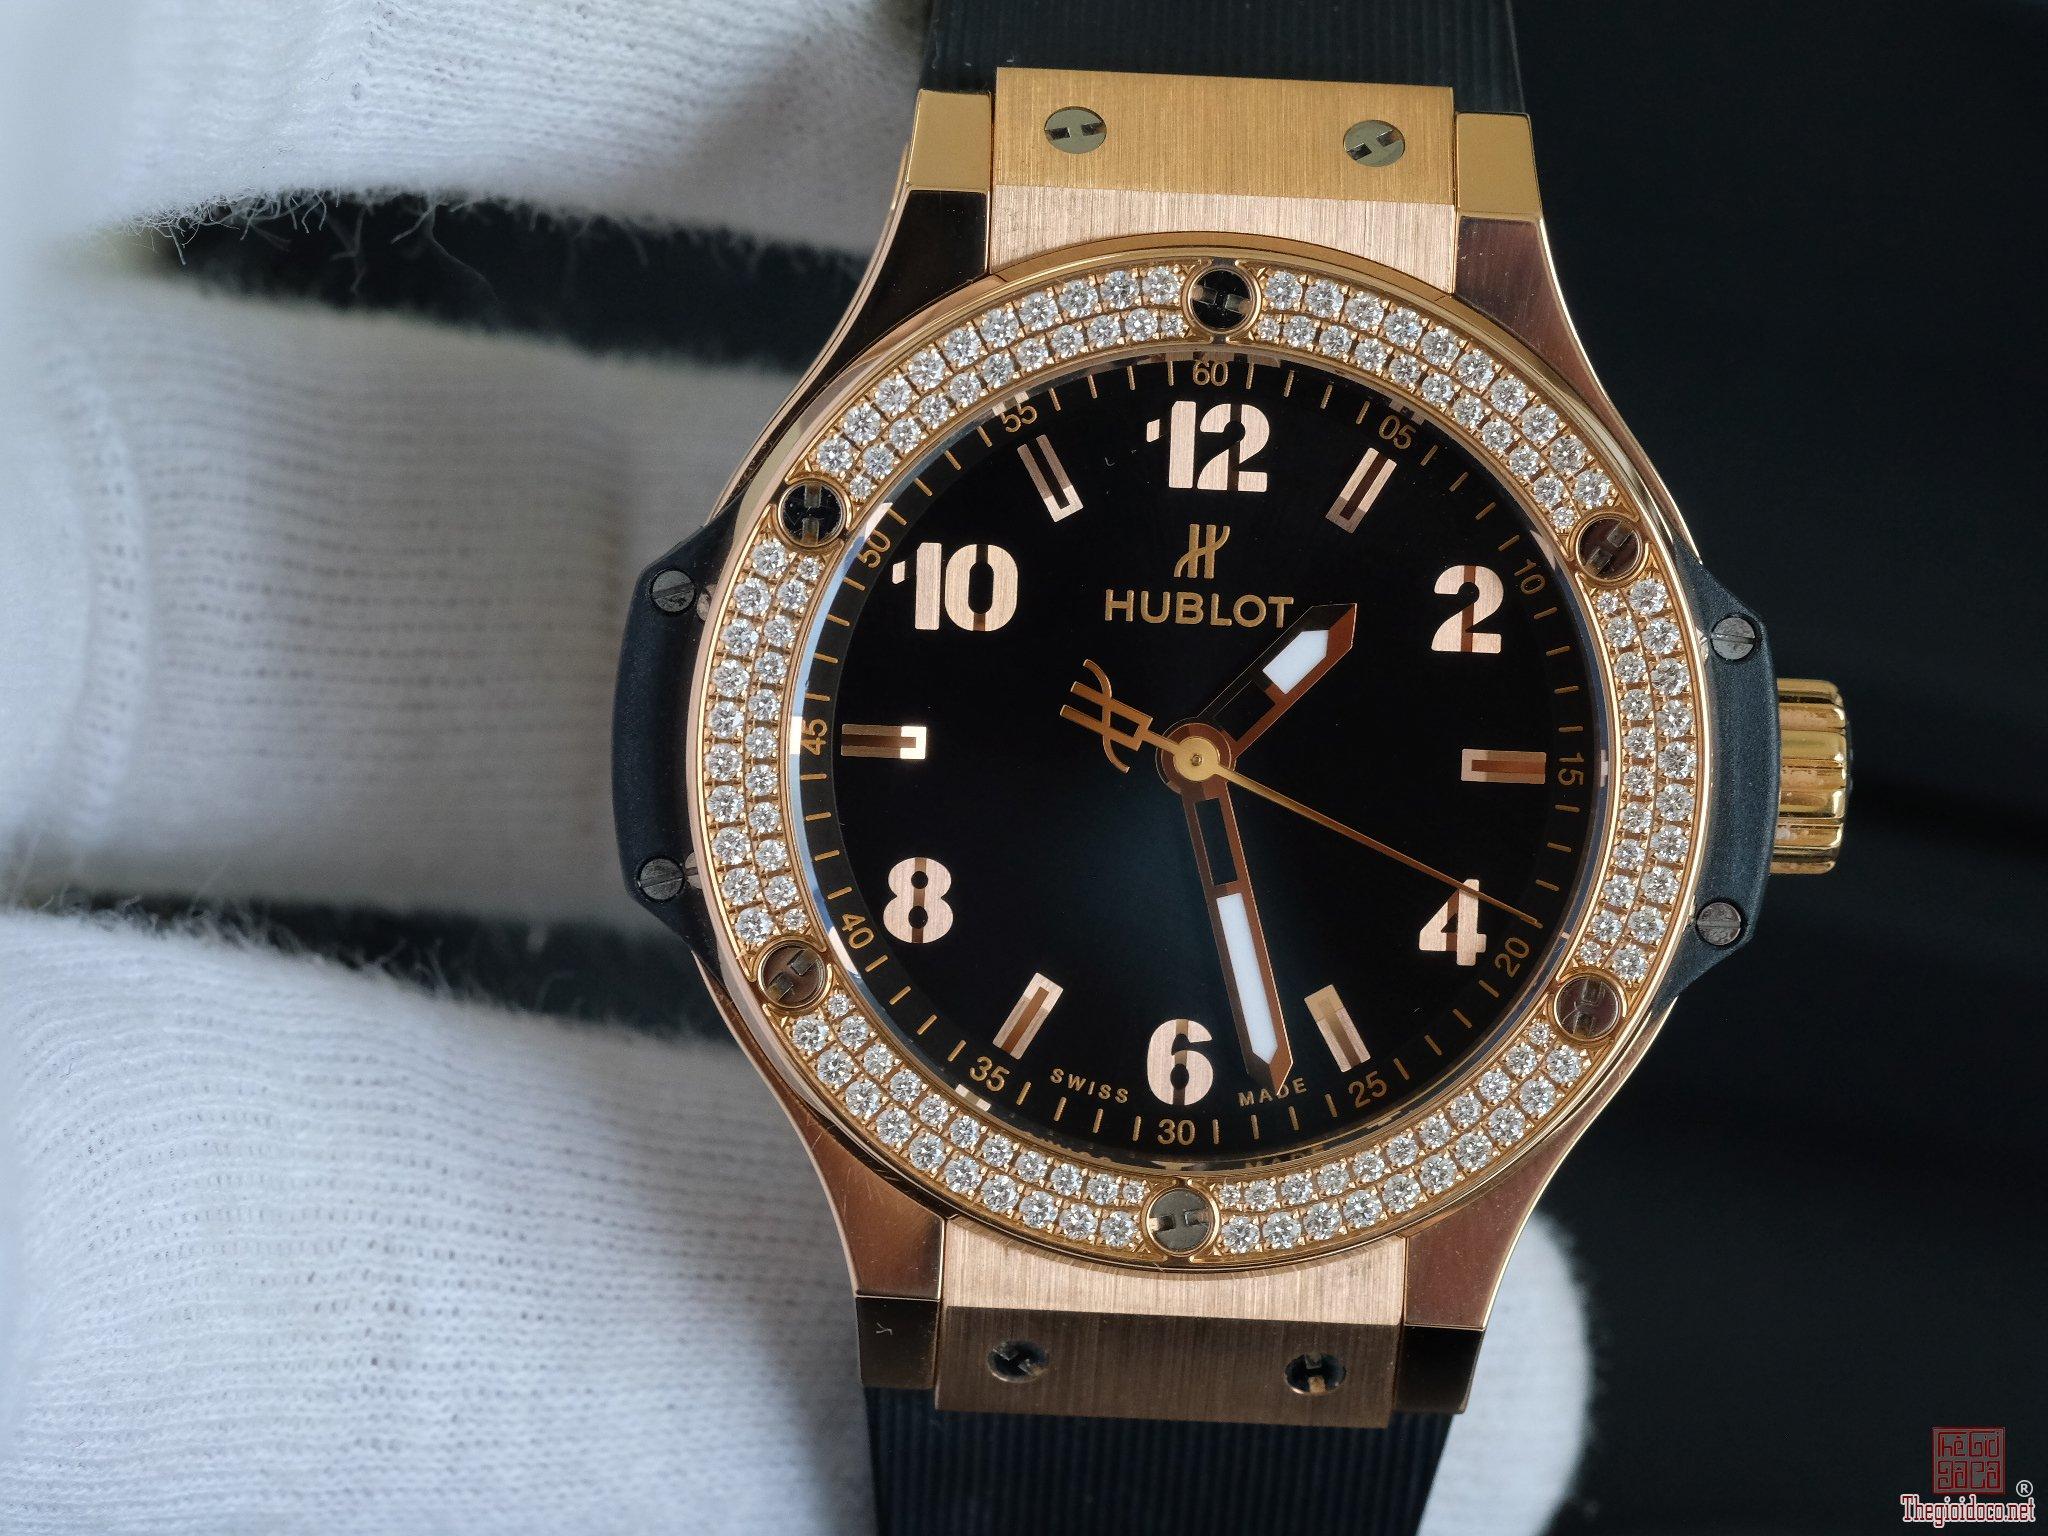 Đồng hồ nữ Hublot Big bang mặt đen vàng hồng 18k vành kim zin size 38mm